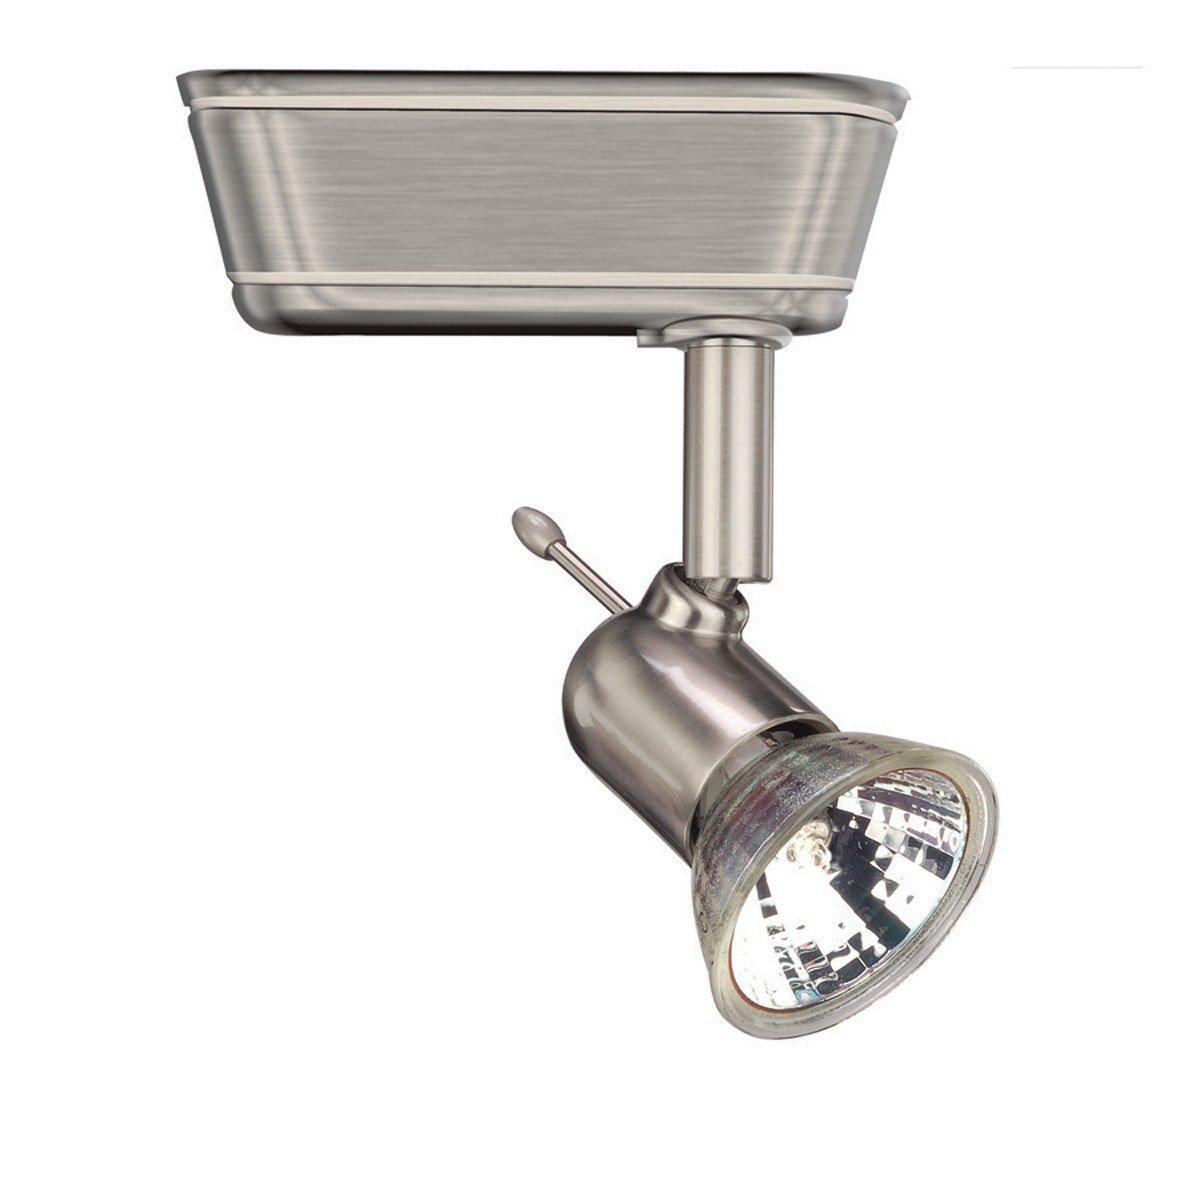 WAC Lighting JHT-816L-BN J Series Low Voltage Track